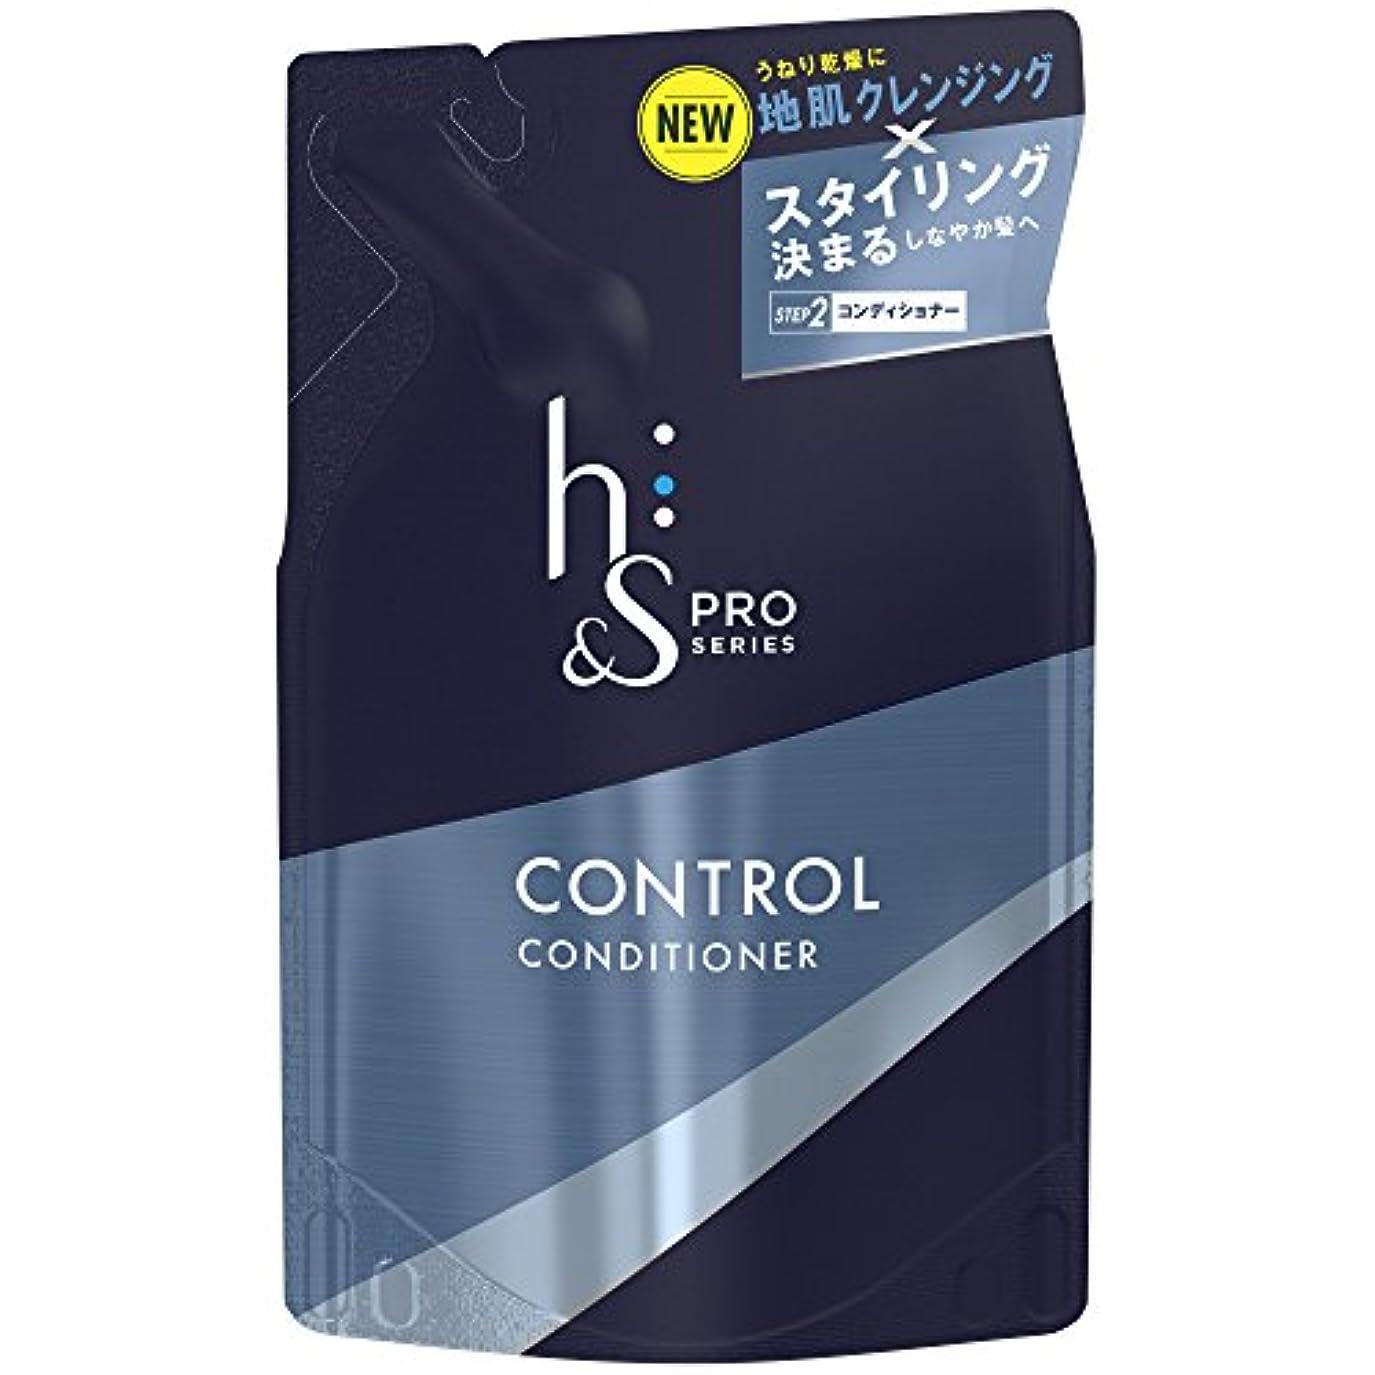 微弱発行評判h&s コンディショナー PRO Series コントロール 詰め替え 300g